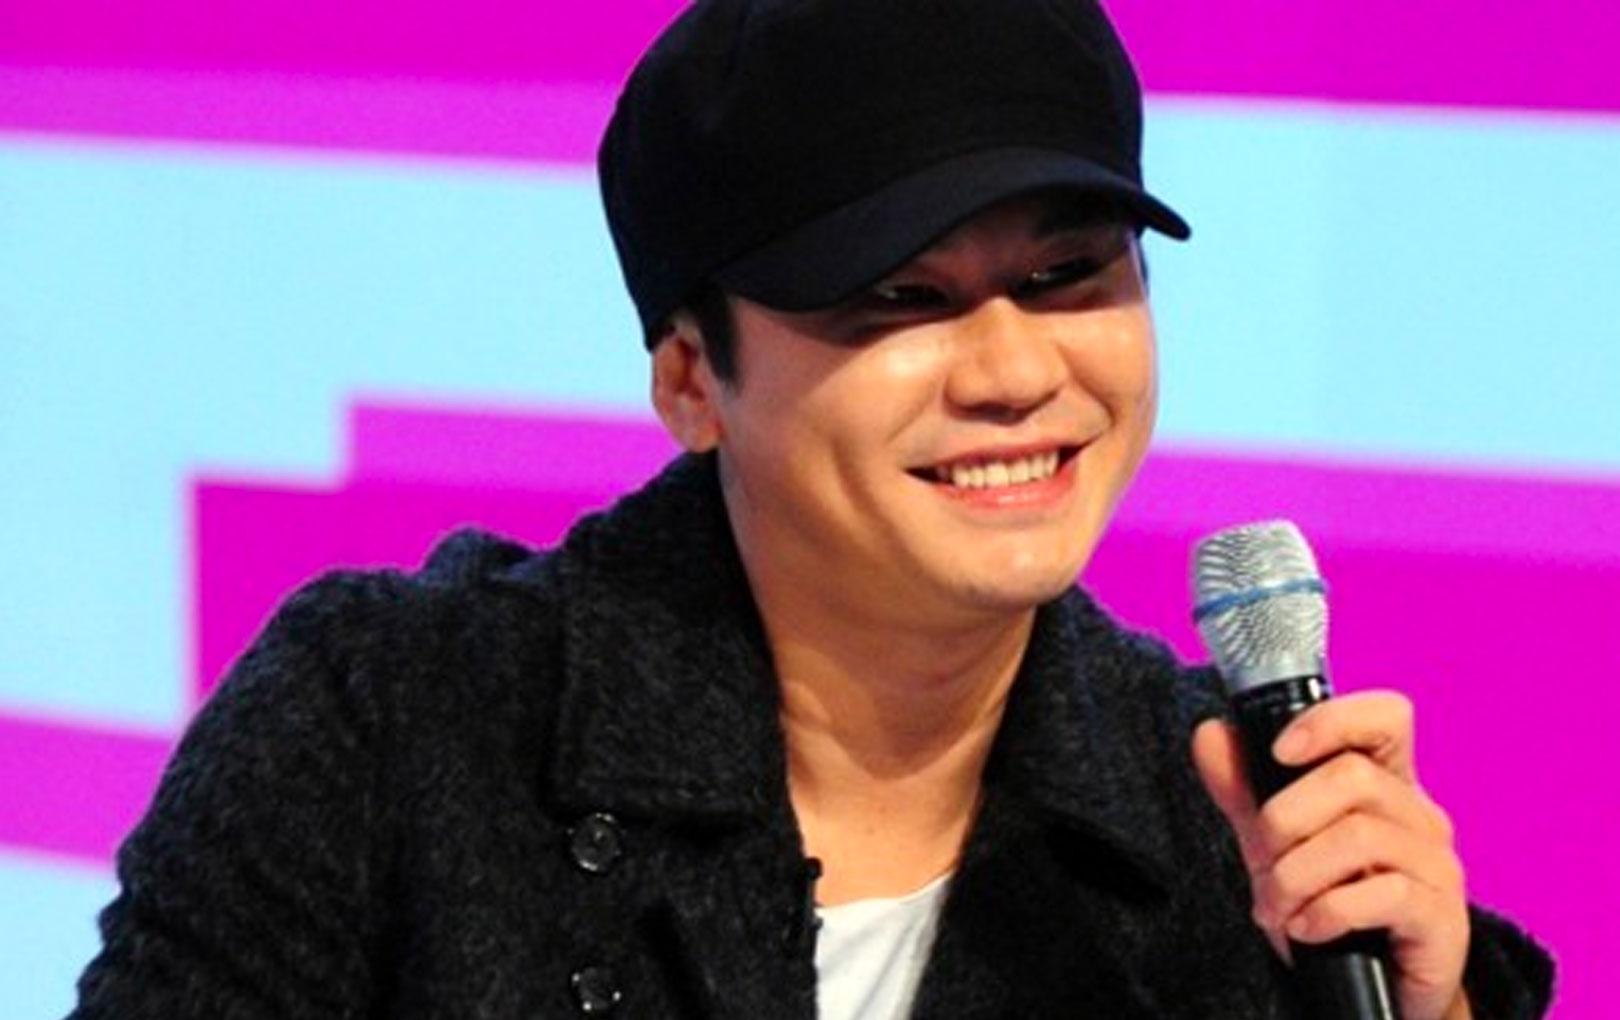 Netizen Hàn phẫn nộ trước thông tin Yang Hyun Suk rời khỏi YG khi chưa điều tra triệt để scandal chất cấm